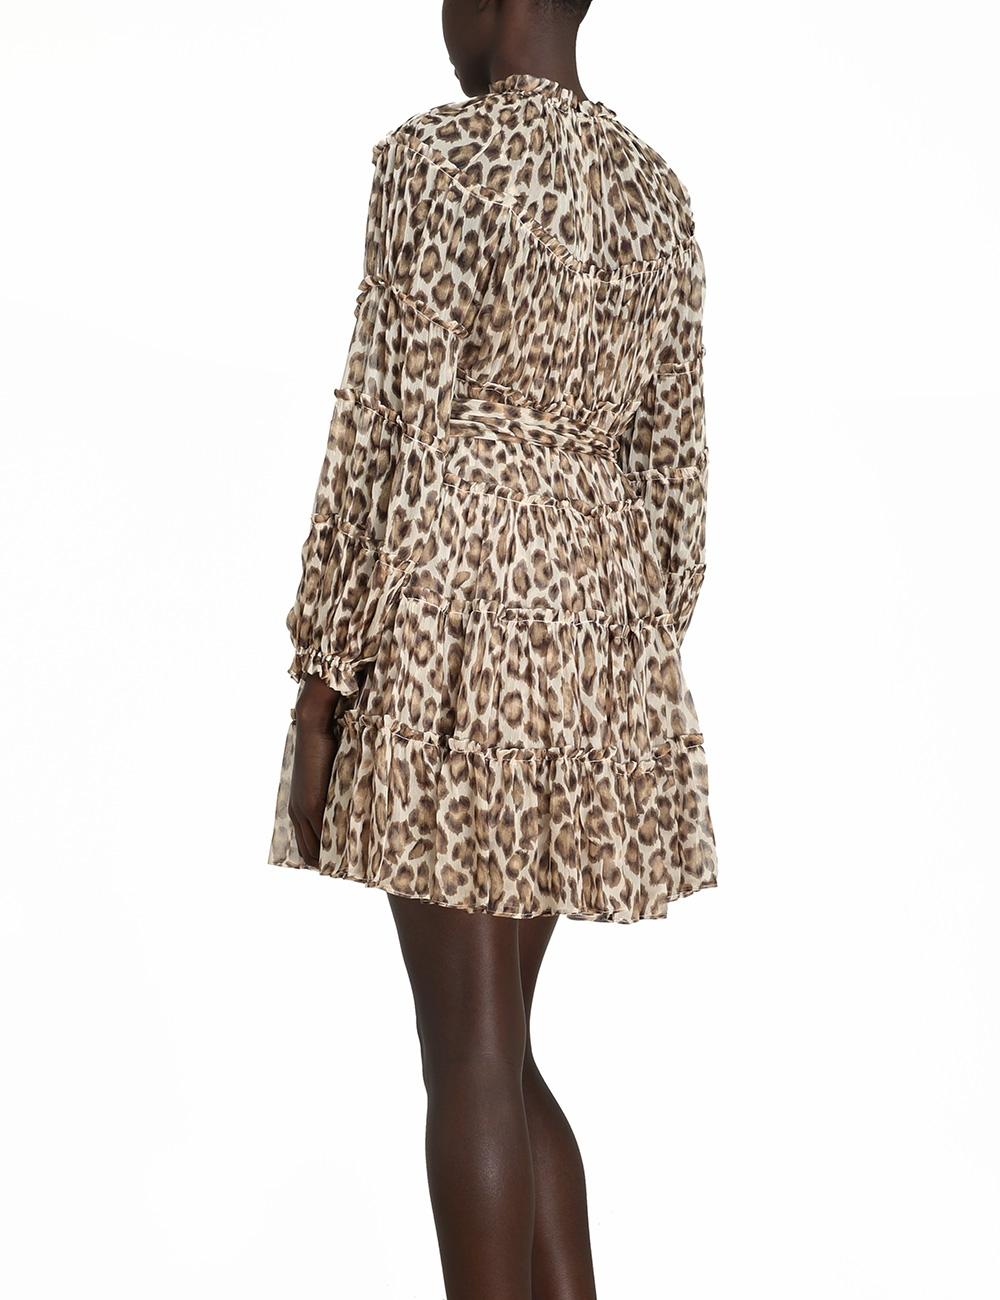 Ladybeetle Tiered Mini Dress